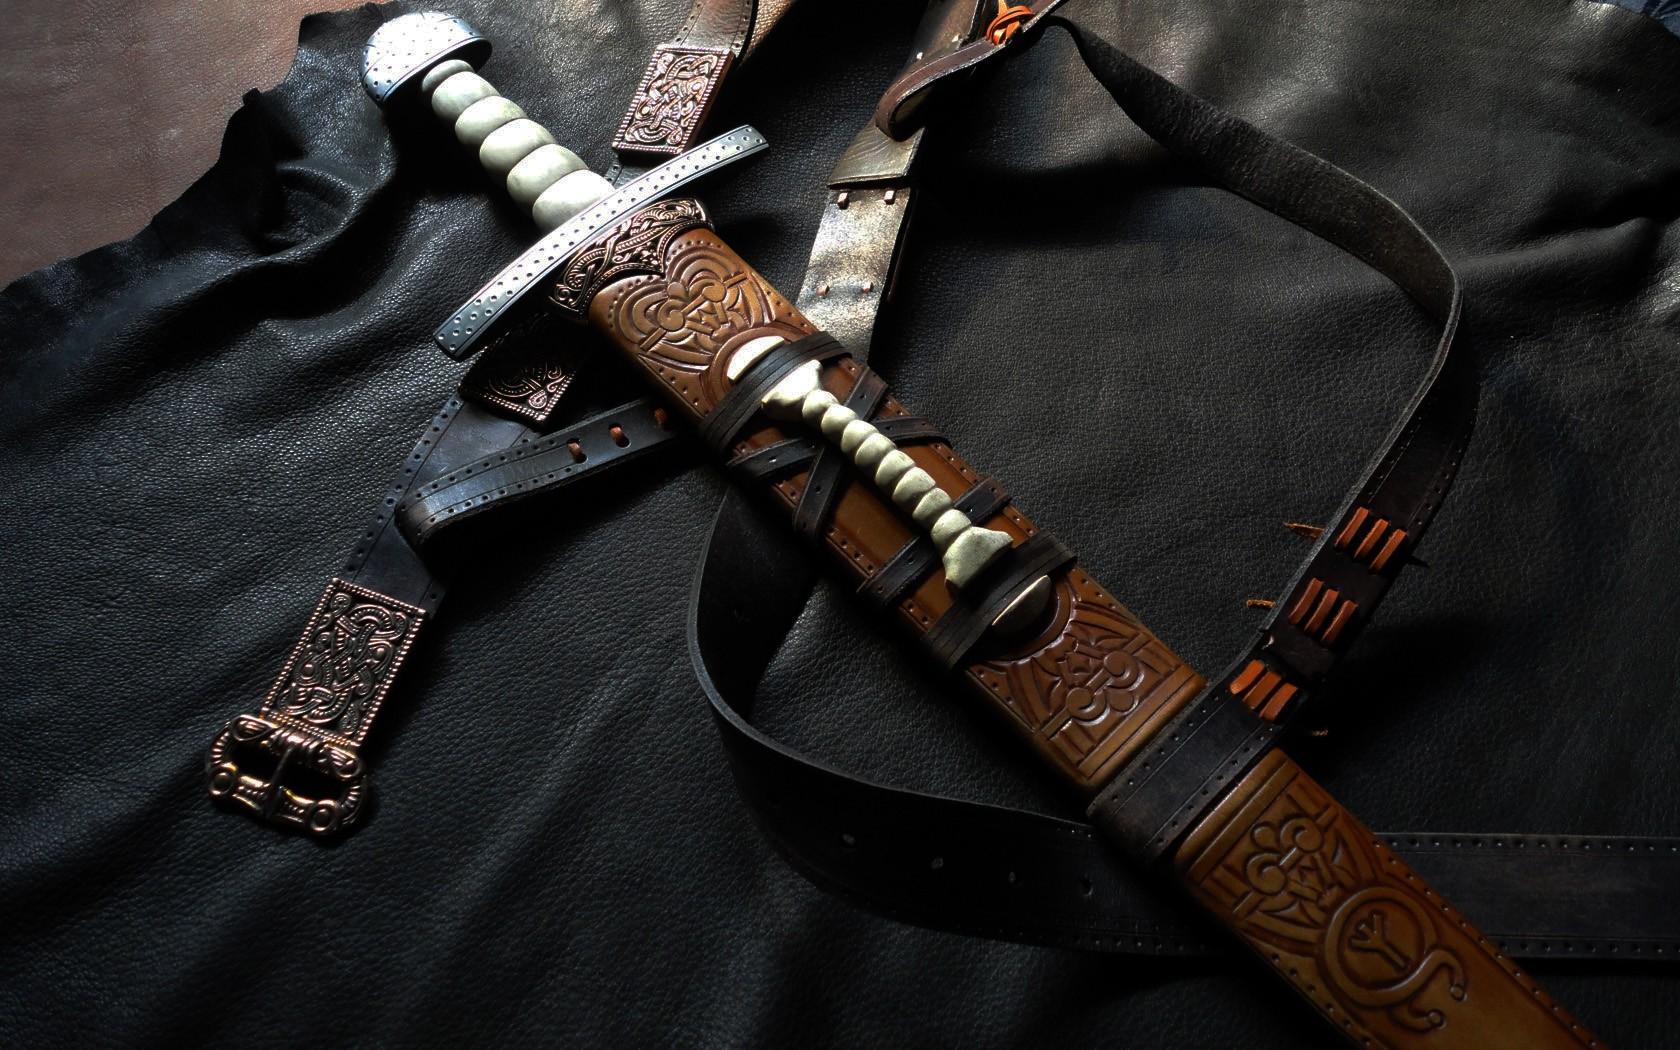 ¿El Profeta Muhammad expandió el Islam mediante la espada?